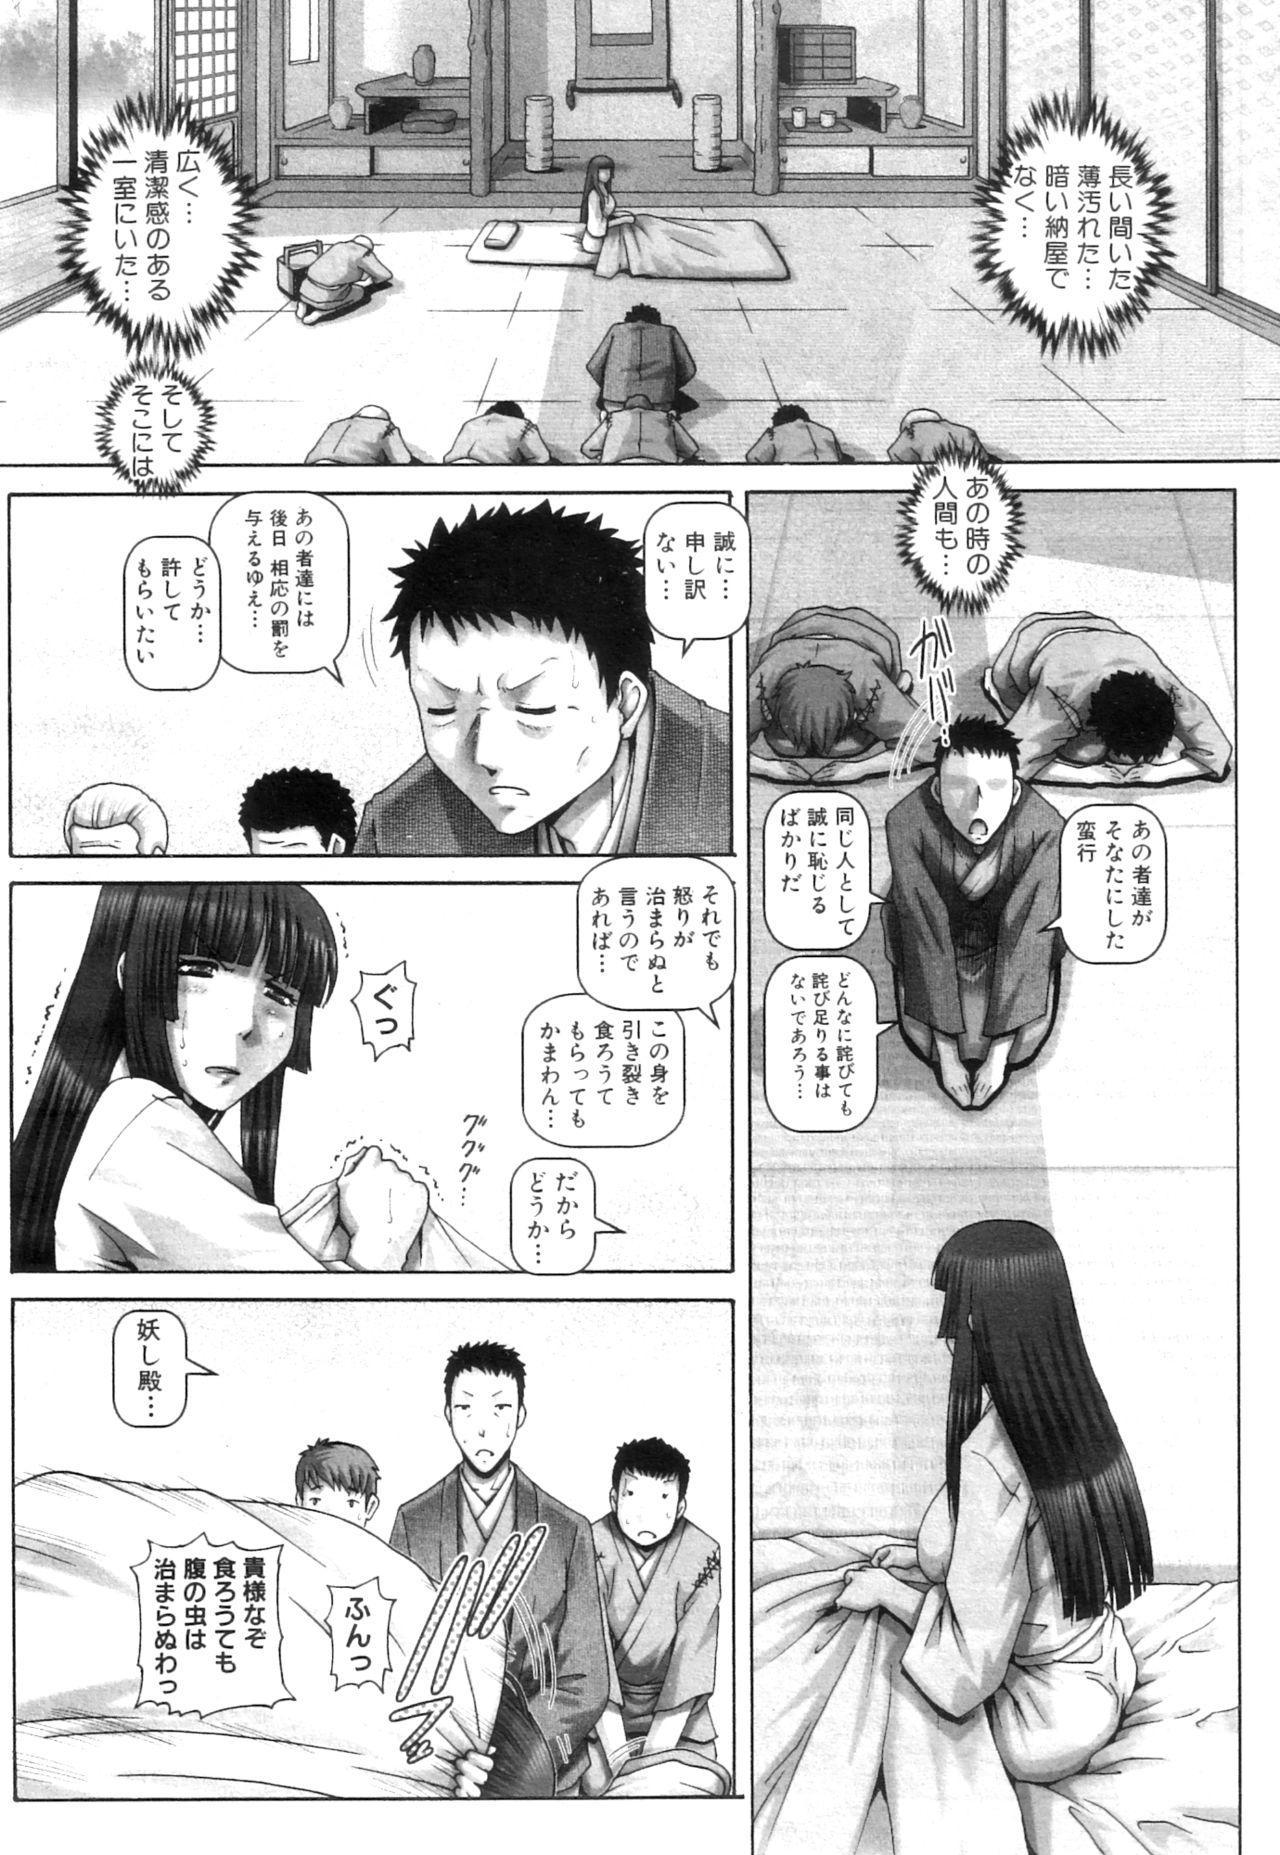 Ayakashiyakata no Tamahime 92